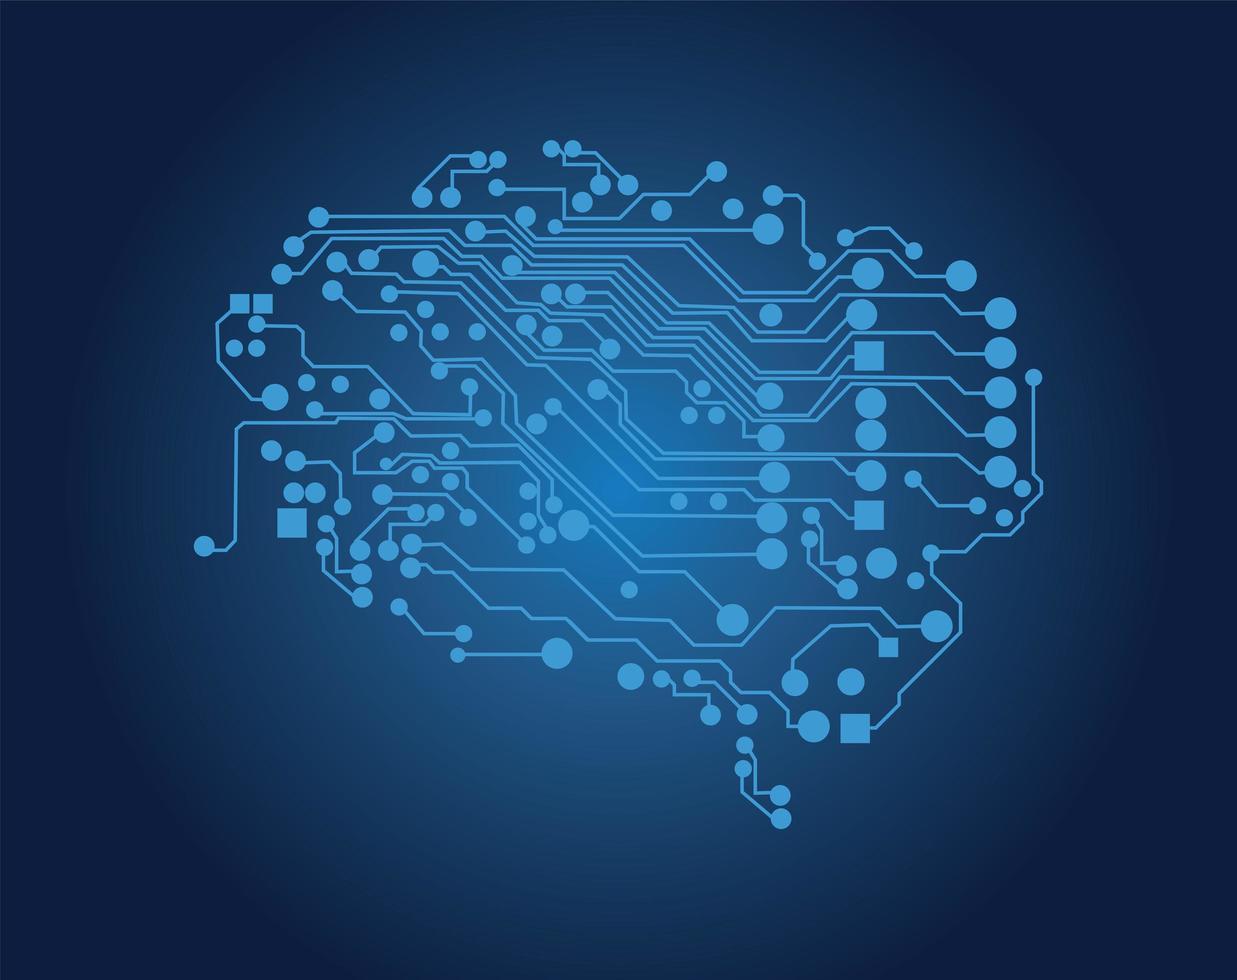 cérebro humano, conceito de pensamento lógico vetor